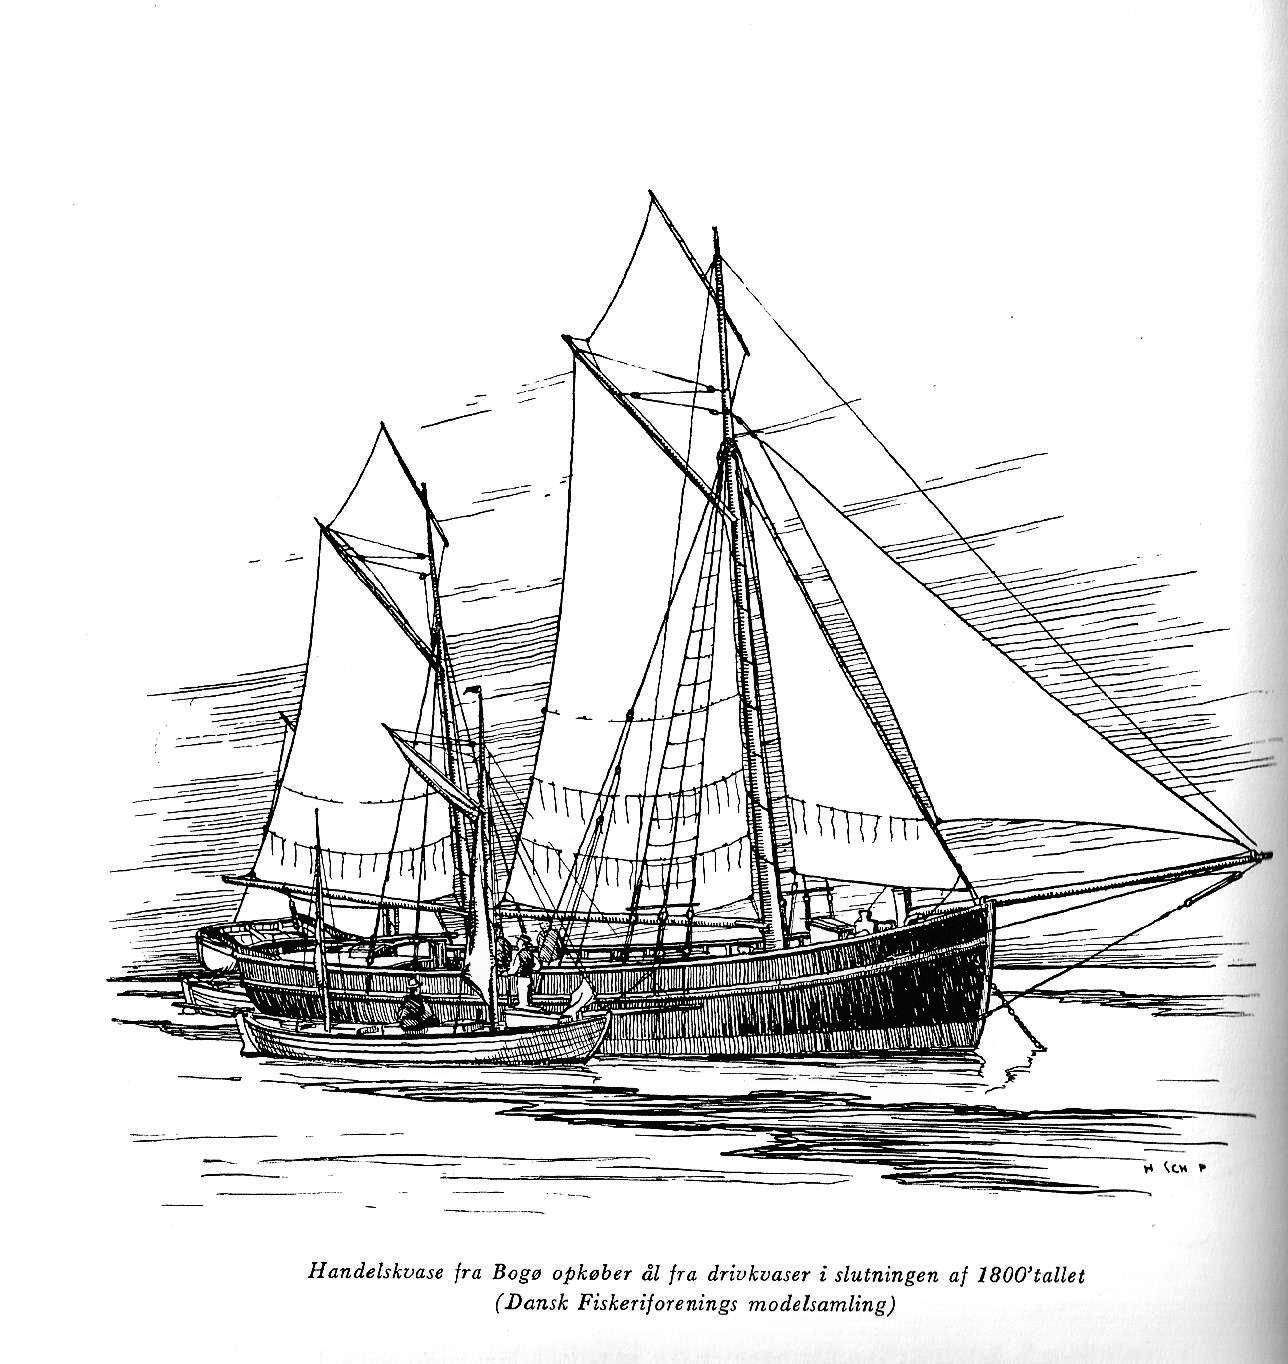 """En bemærkelsesværdig vignet af en handelskvase fra Bogø, der i slutningen af 1800-tallet opkøber ål fra drivkvaser (Dansk Fiskeriforenings Modelsamling). Kvasen må være fra før 1894, da modellen blev fremvist på en fiskeriudstilling i juni 1894. Måske er det galeasen ELISE af Bogø, jf. Pin med registreringsoplysninger her i albummet. Vignet af H. Schøsler-Pedersen i """"Høst fra havet"""", 1960, s. 184. I bogen er der et helt kapitel om de danske handelskvaser."""